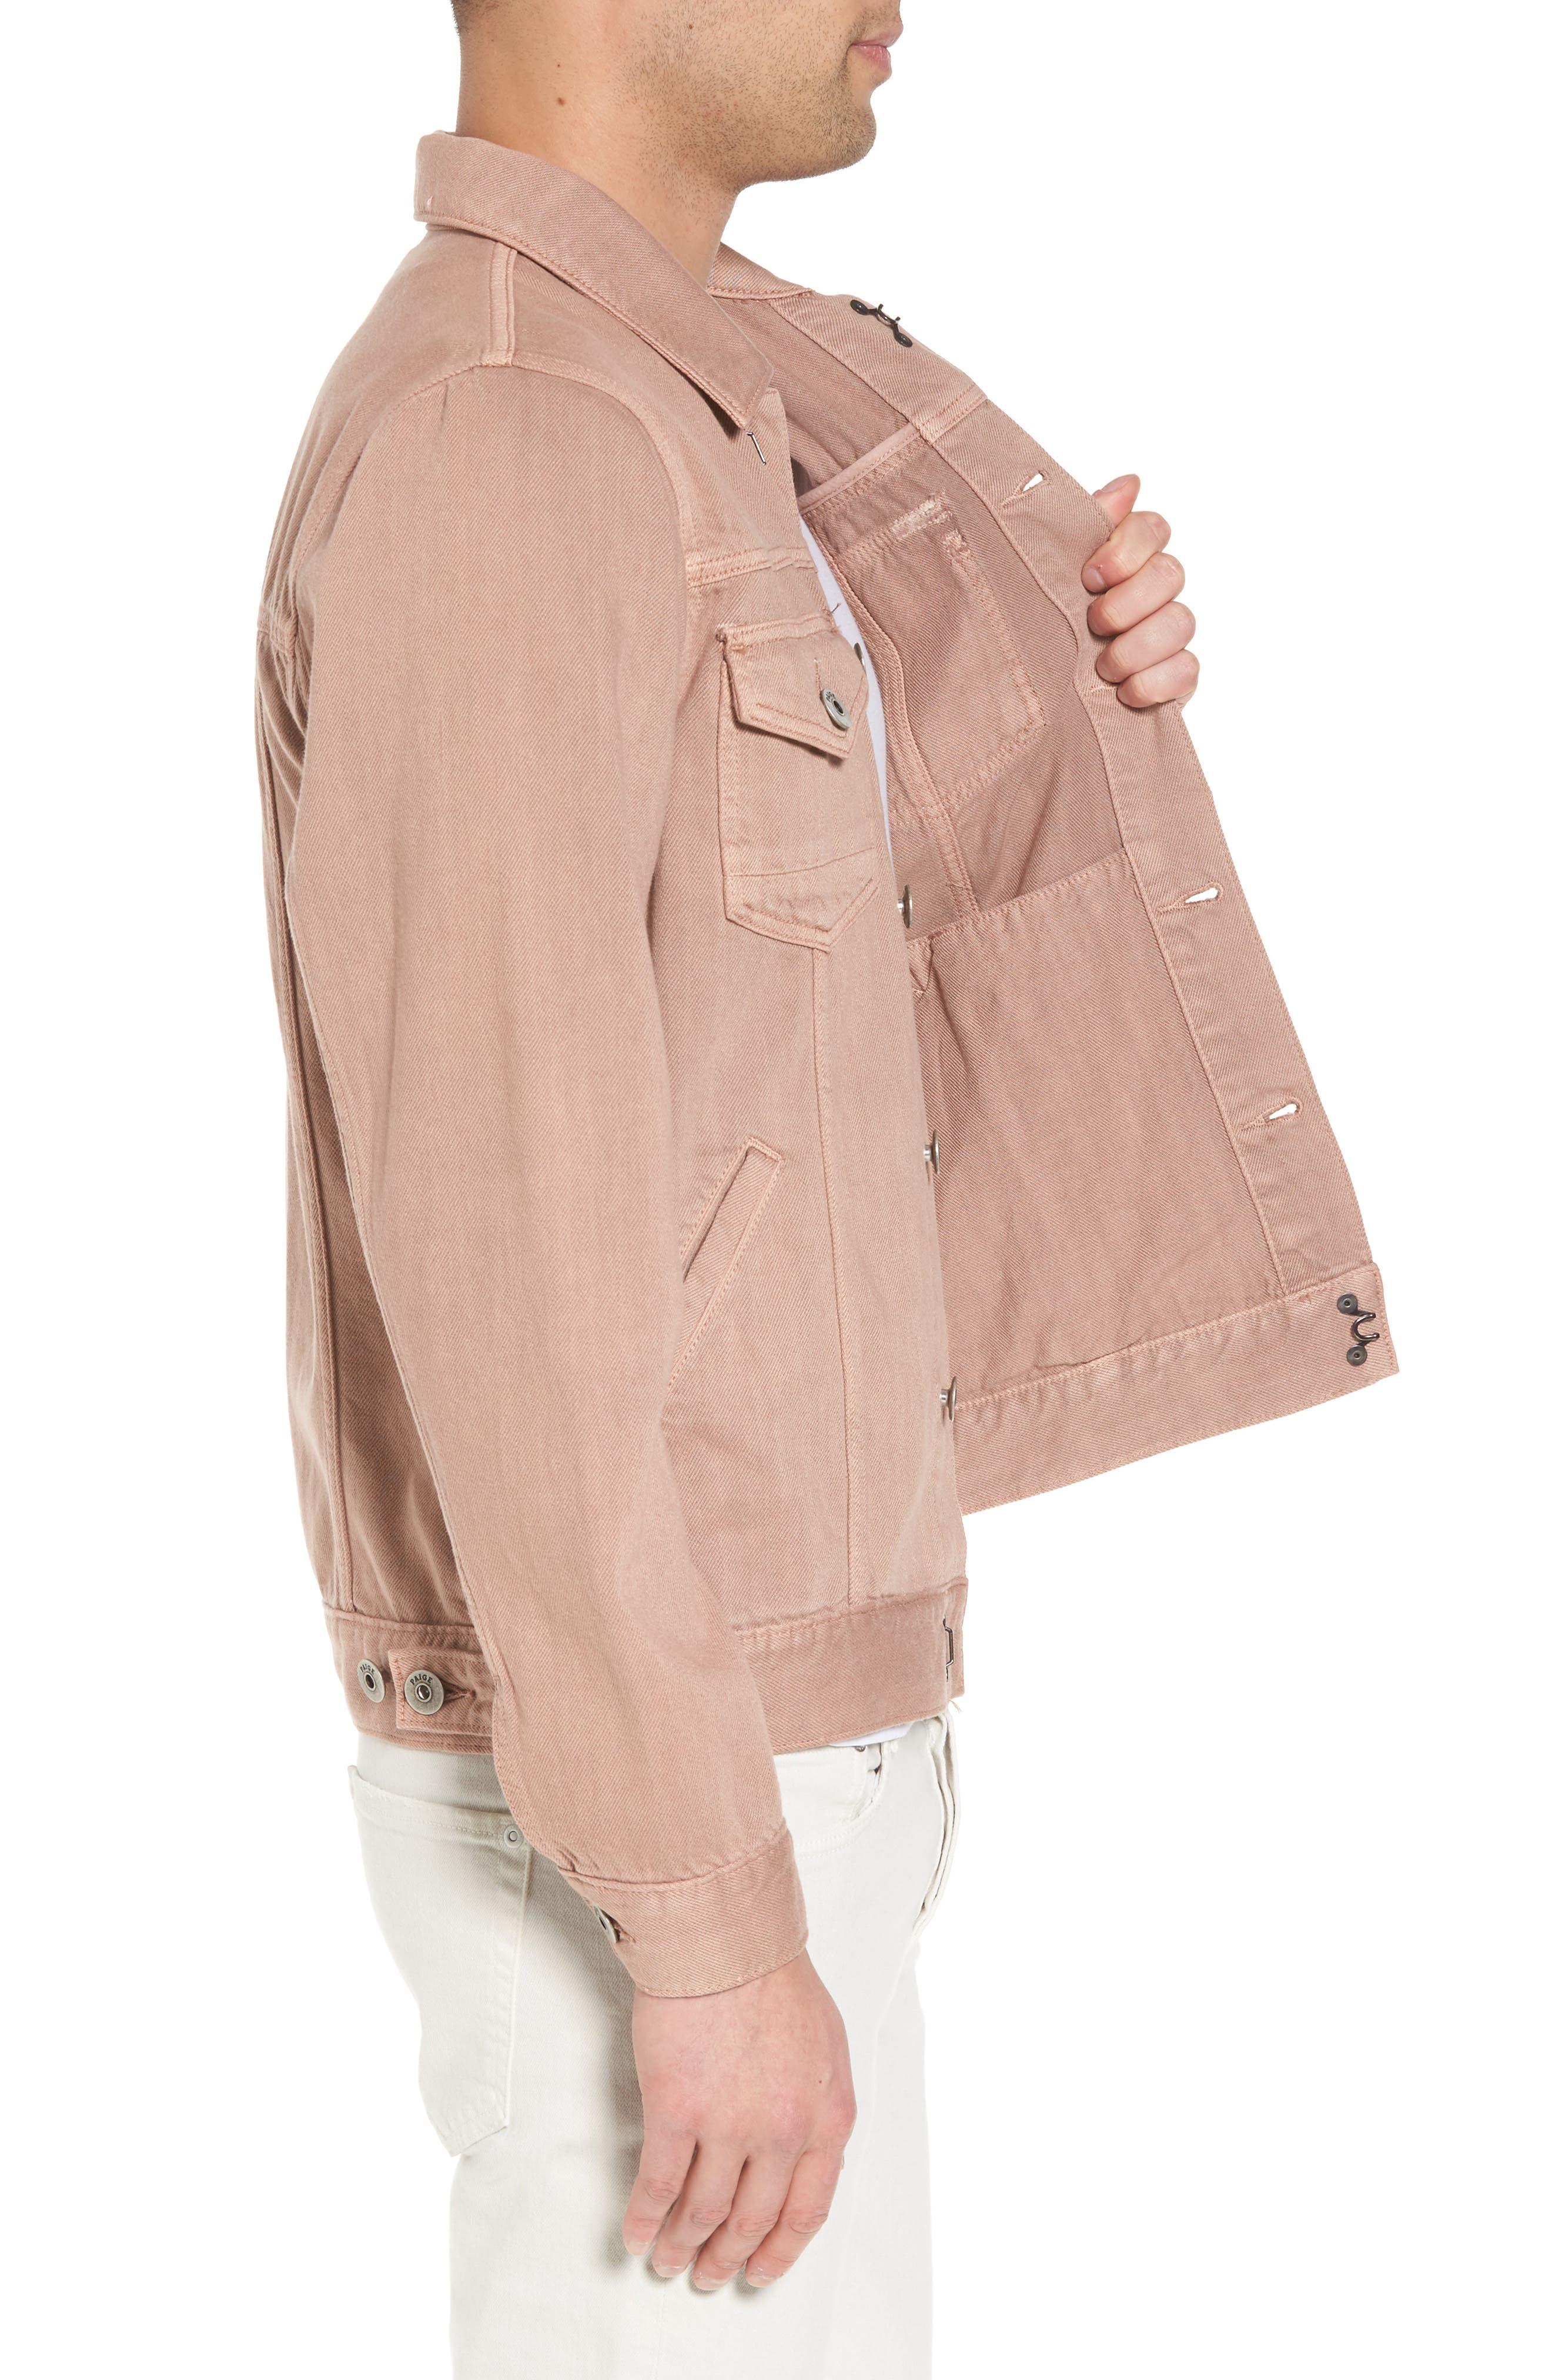 Scout Denim Jacket,                             Alternate thumbnail 3, color,                             VINTAGE DUSTY ROSE